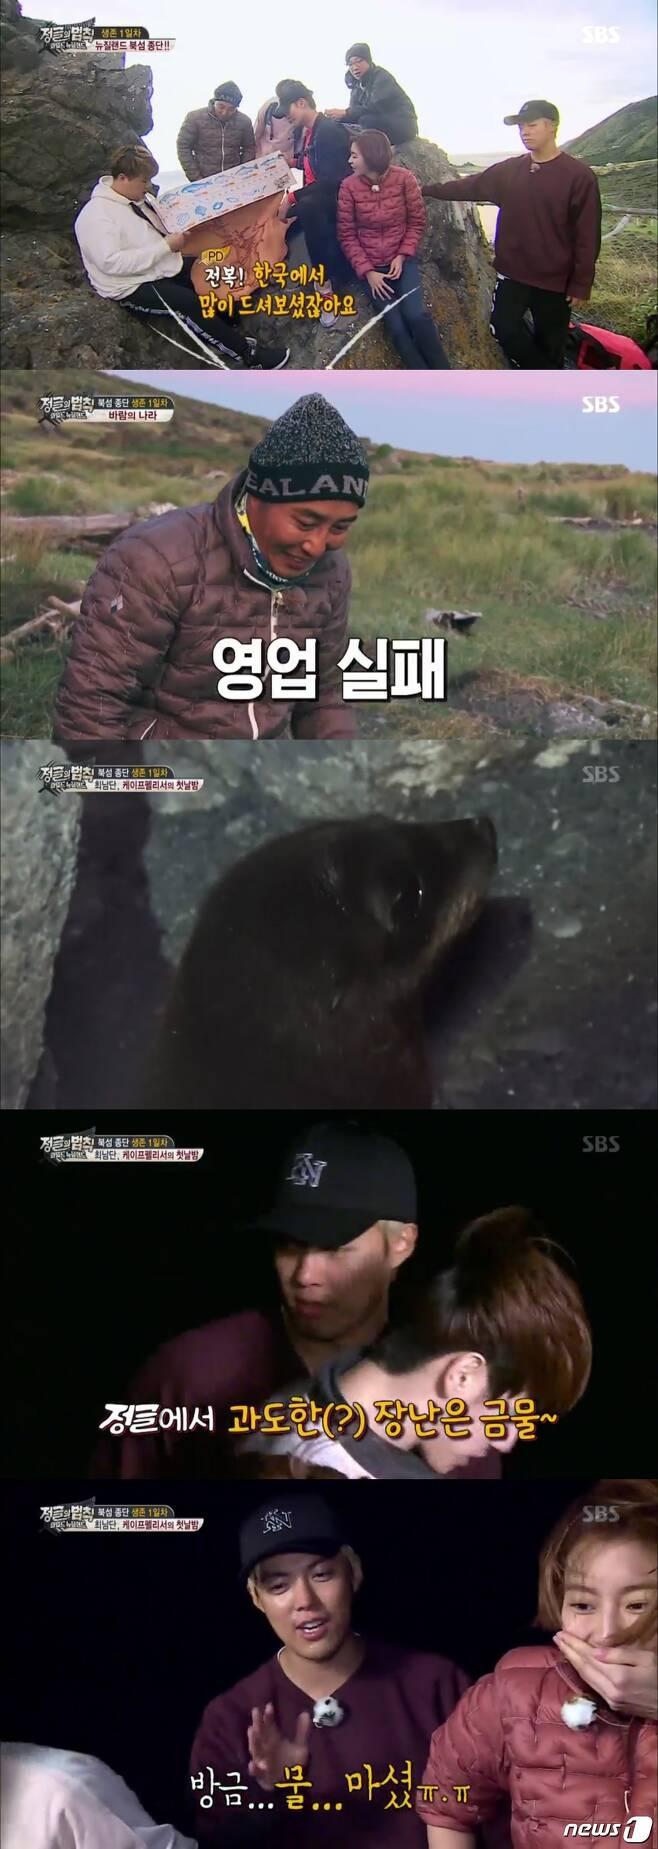 '정글의 법칙' 방송 캡처 © News1